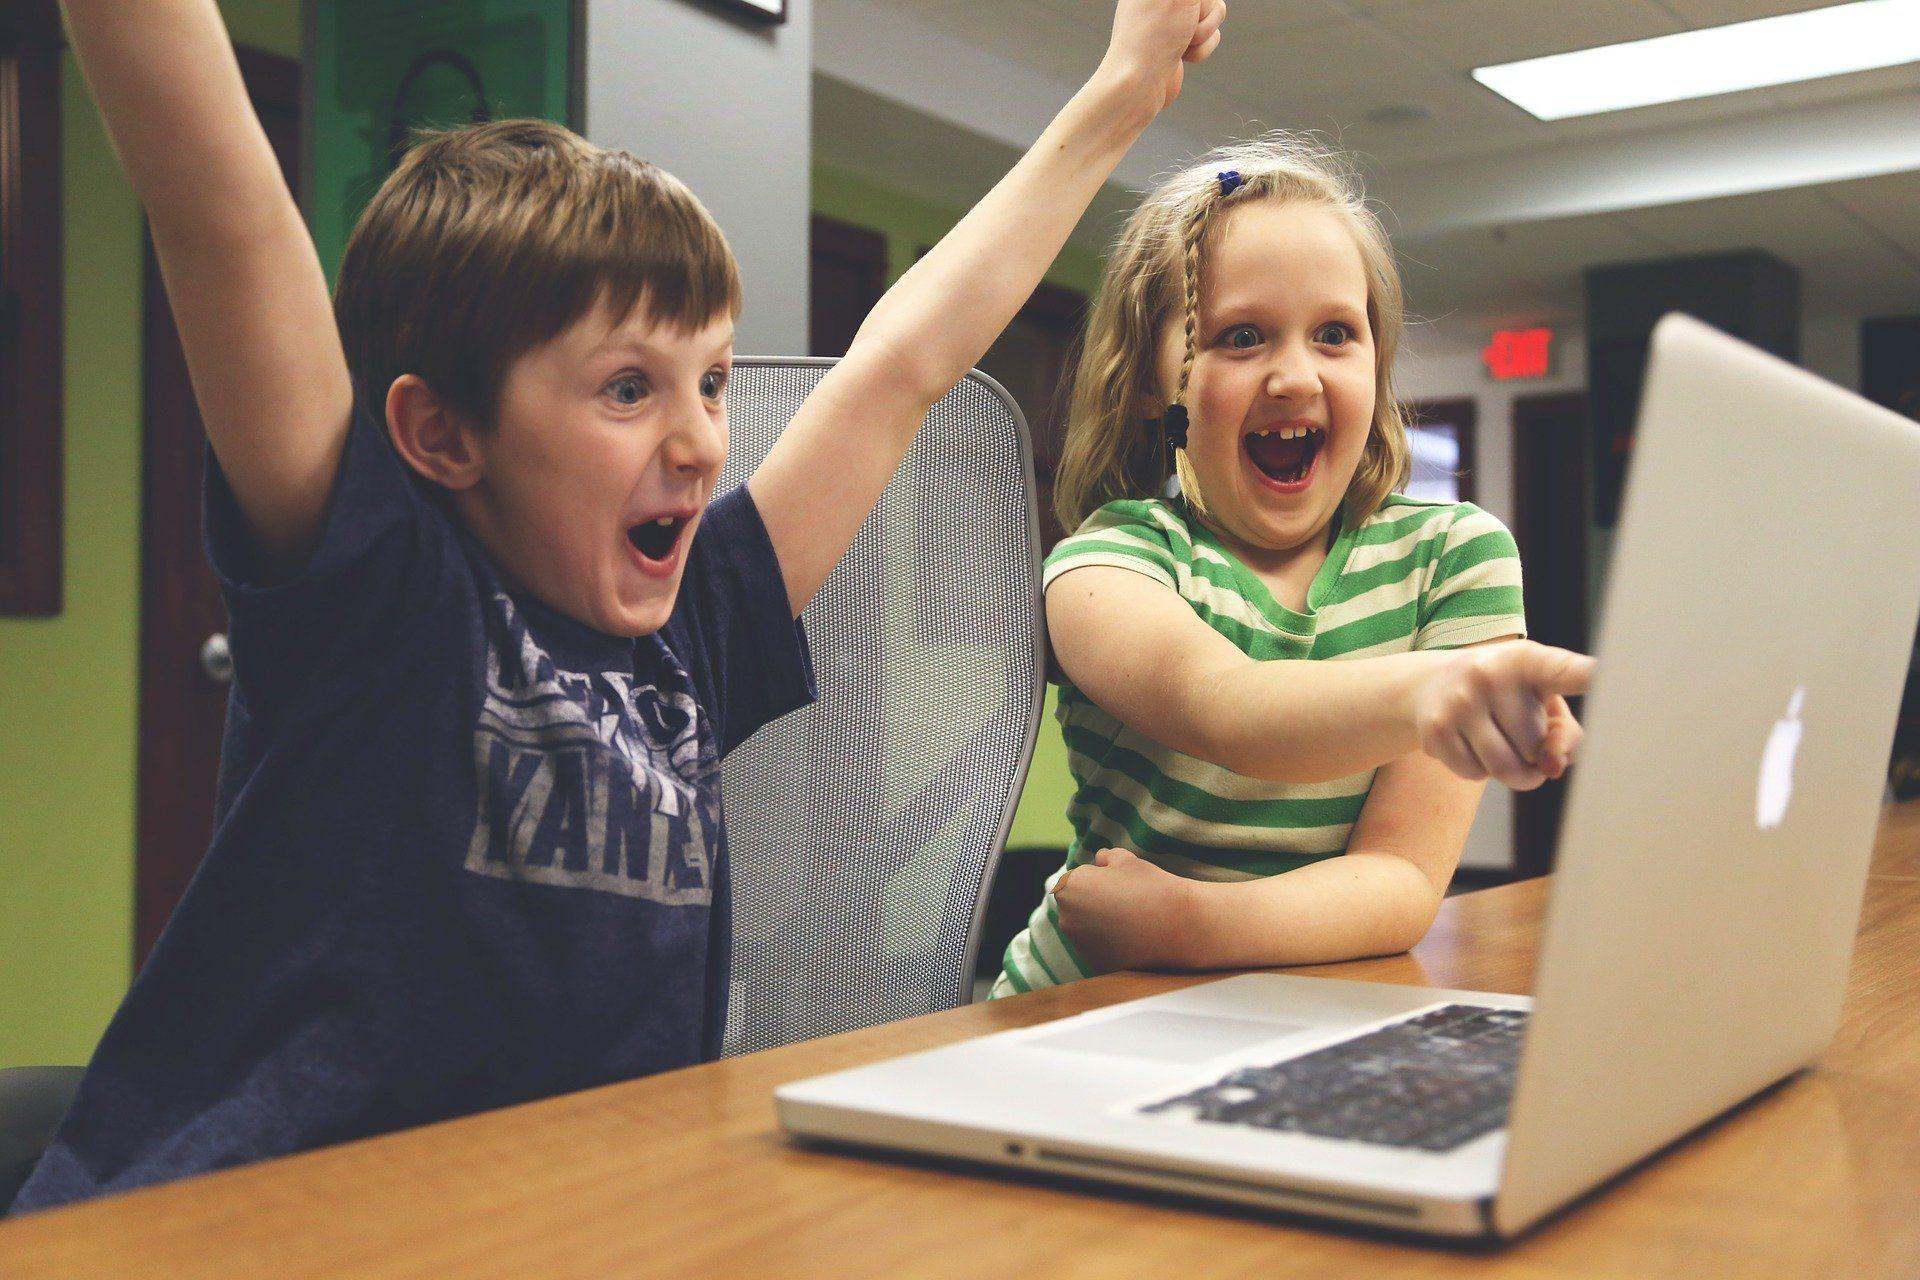 Zwei Kinder sitzen vor einem Laptop